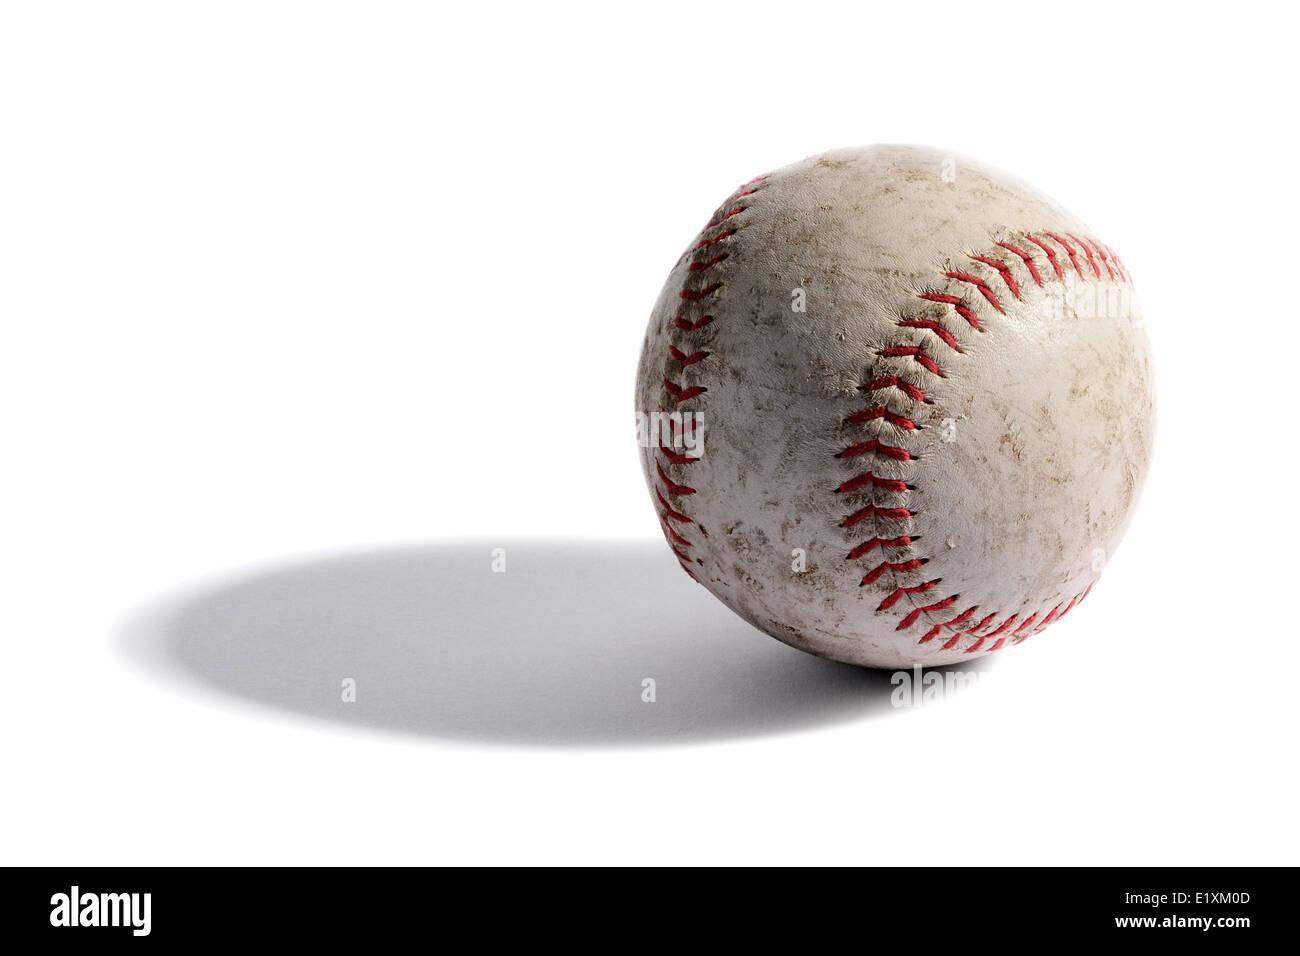 Vecchia di baseball in pelle Immagini Stock